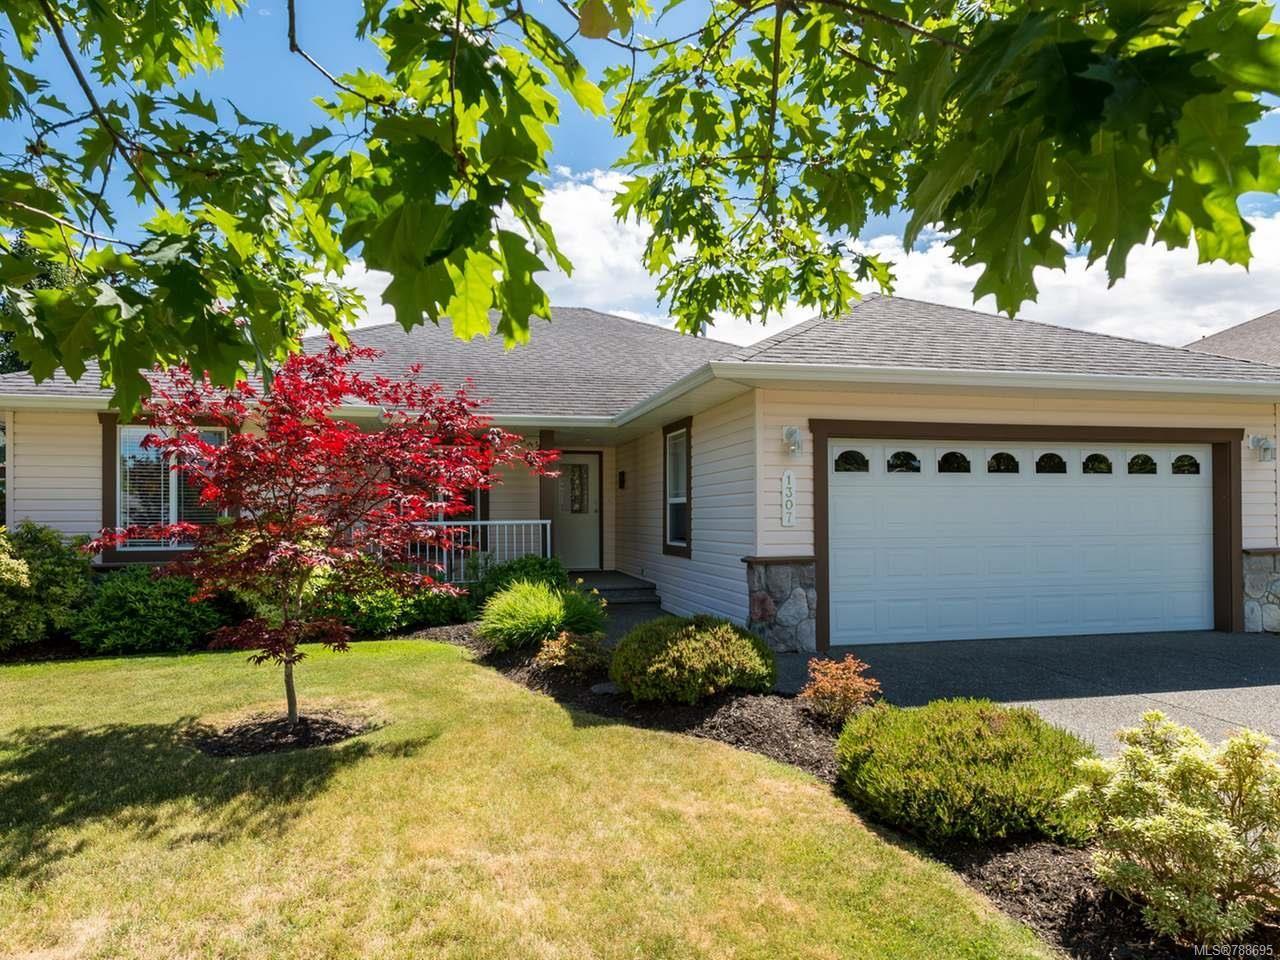 Main Photo: 1307 Ridgemount Dr in COMOX: CV Comox (Town of) House for sale (Comox Valley)  : MLS®# 788695